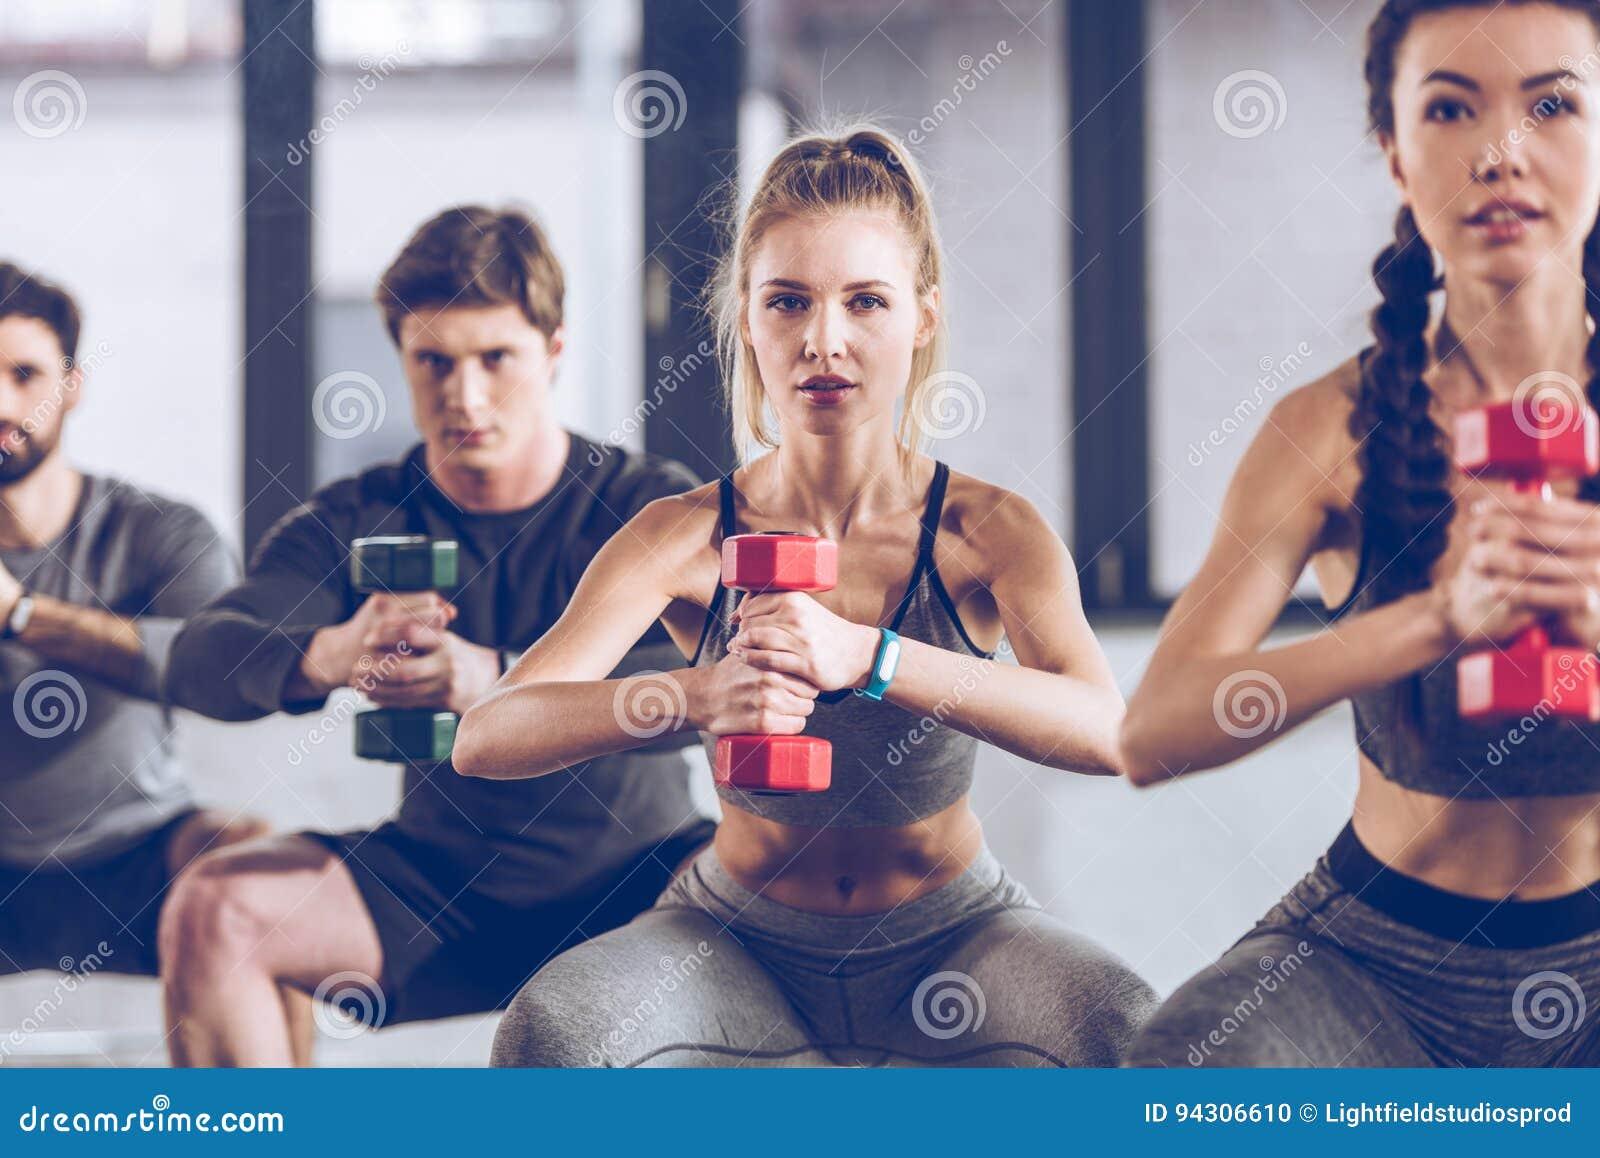 Jovens atléticos no sportswear com pesos que squatting e que exercitam no gym